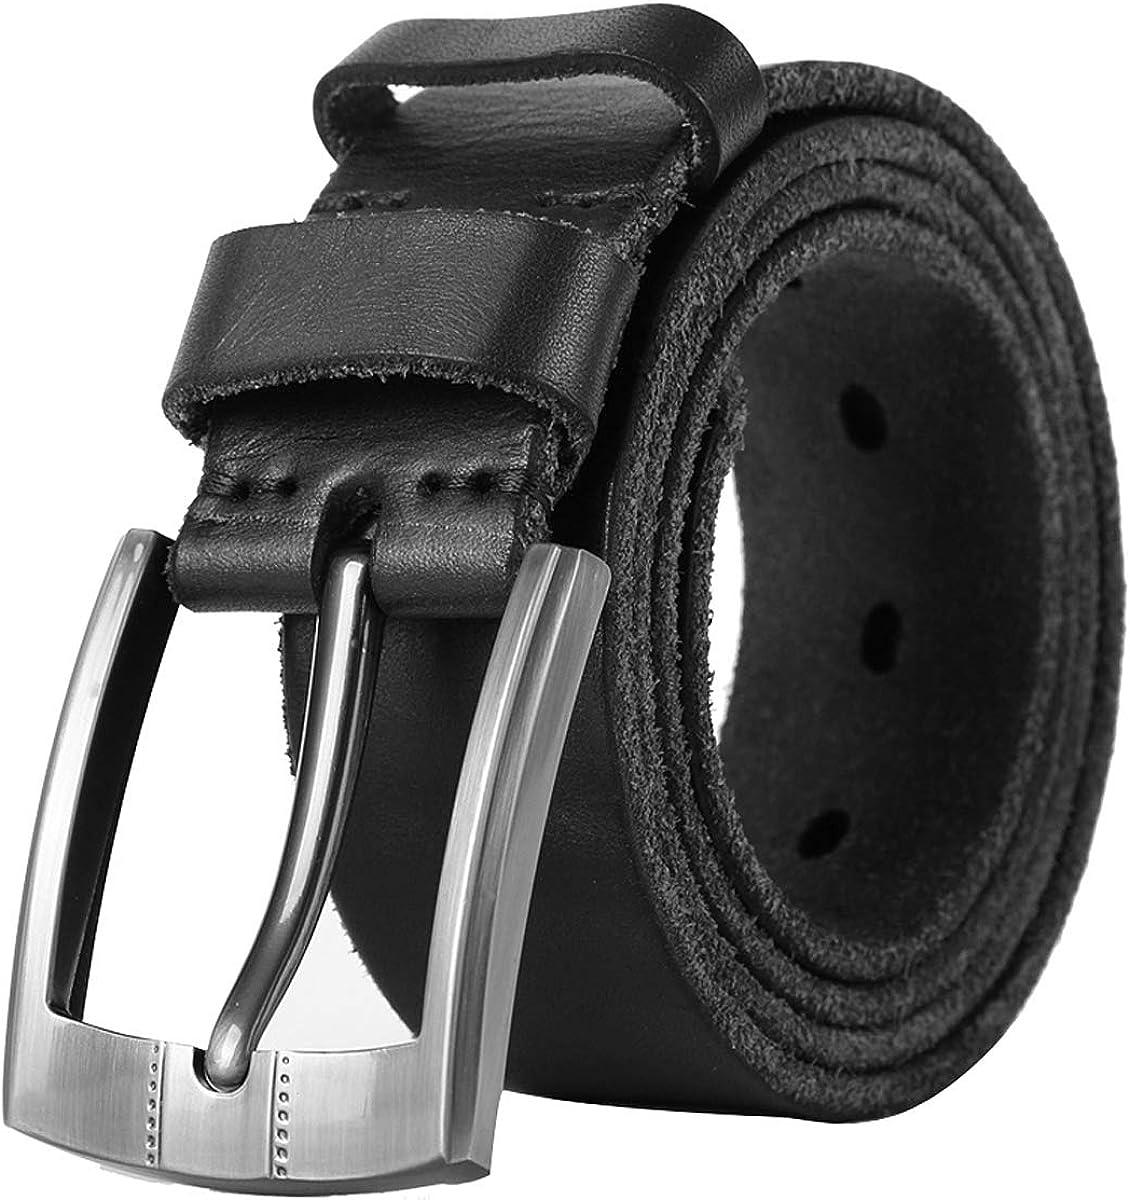 Leathario Cinturón Cuero Auténtico de Hebilla Giratoria Casual para Hombres